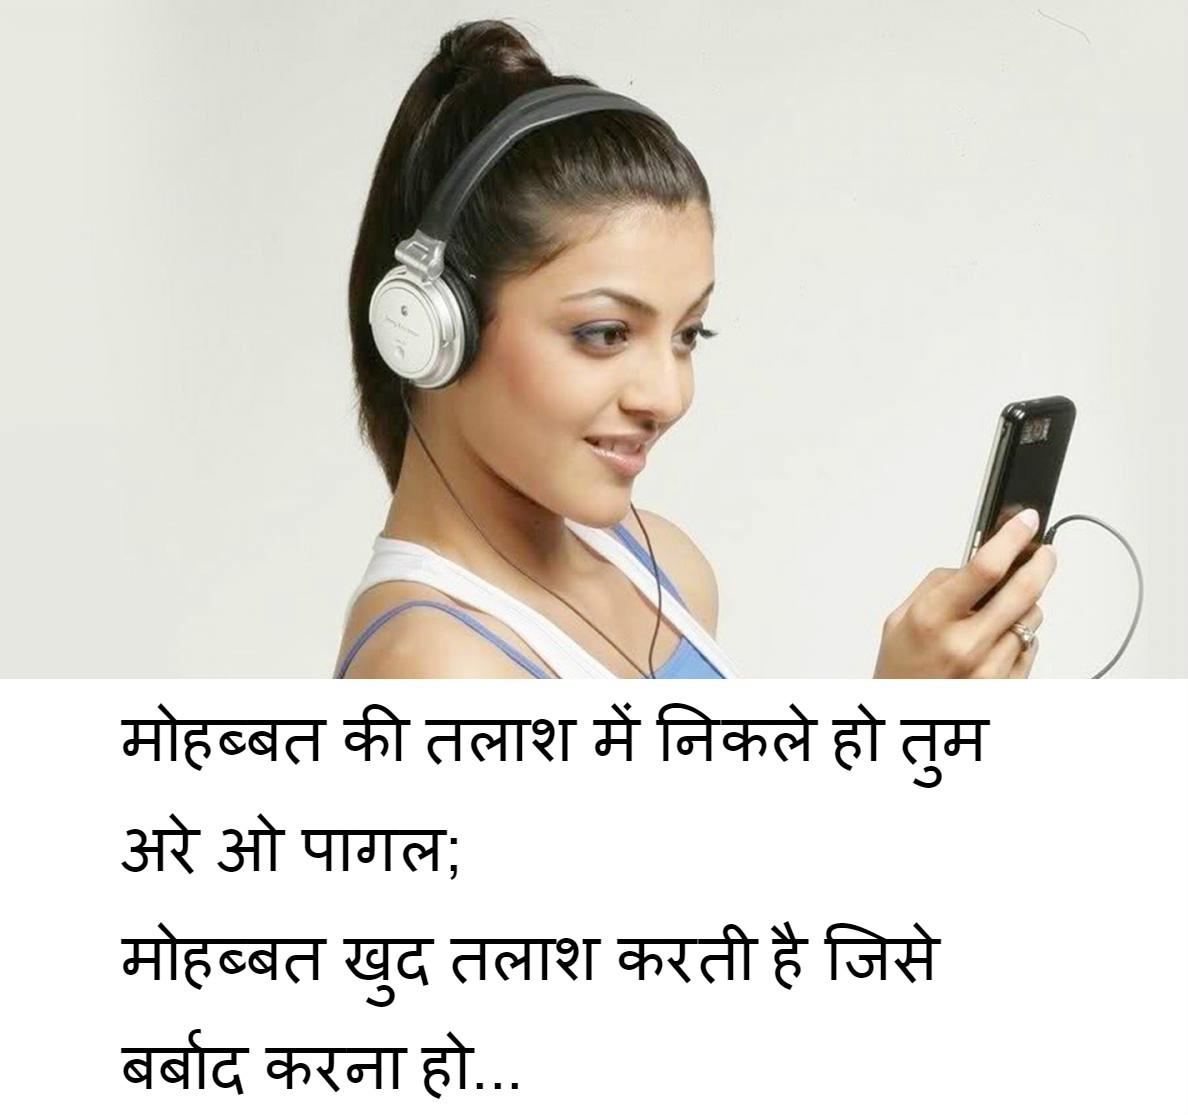 Download Main Wo Duniya Hu Mp3: Shayari Hi Shayari-Excellent Images Download,Dard Ishq